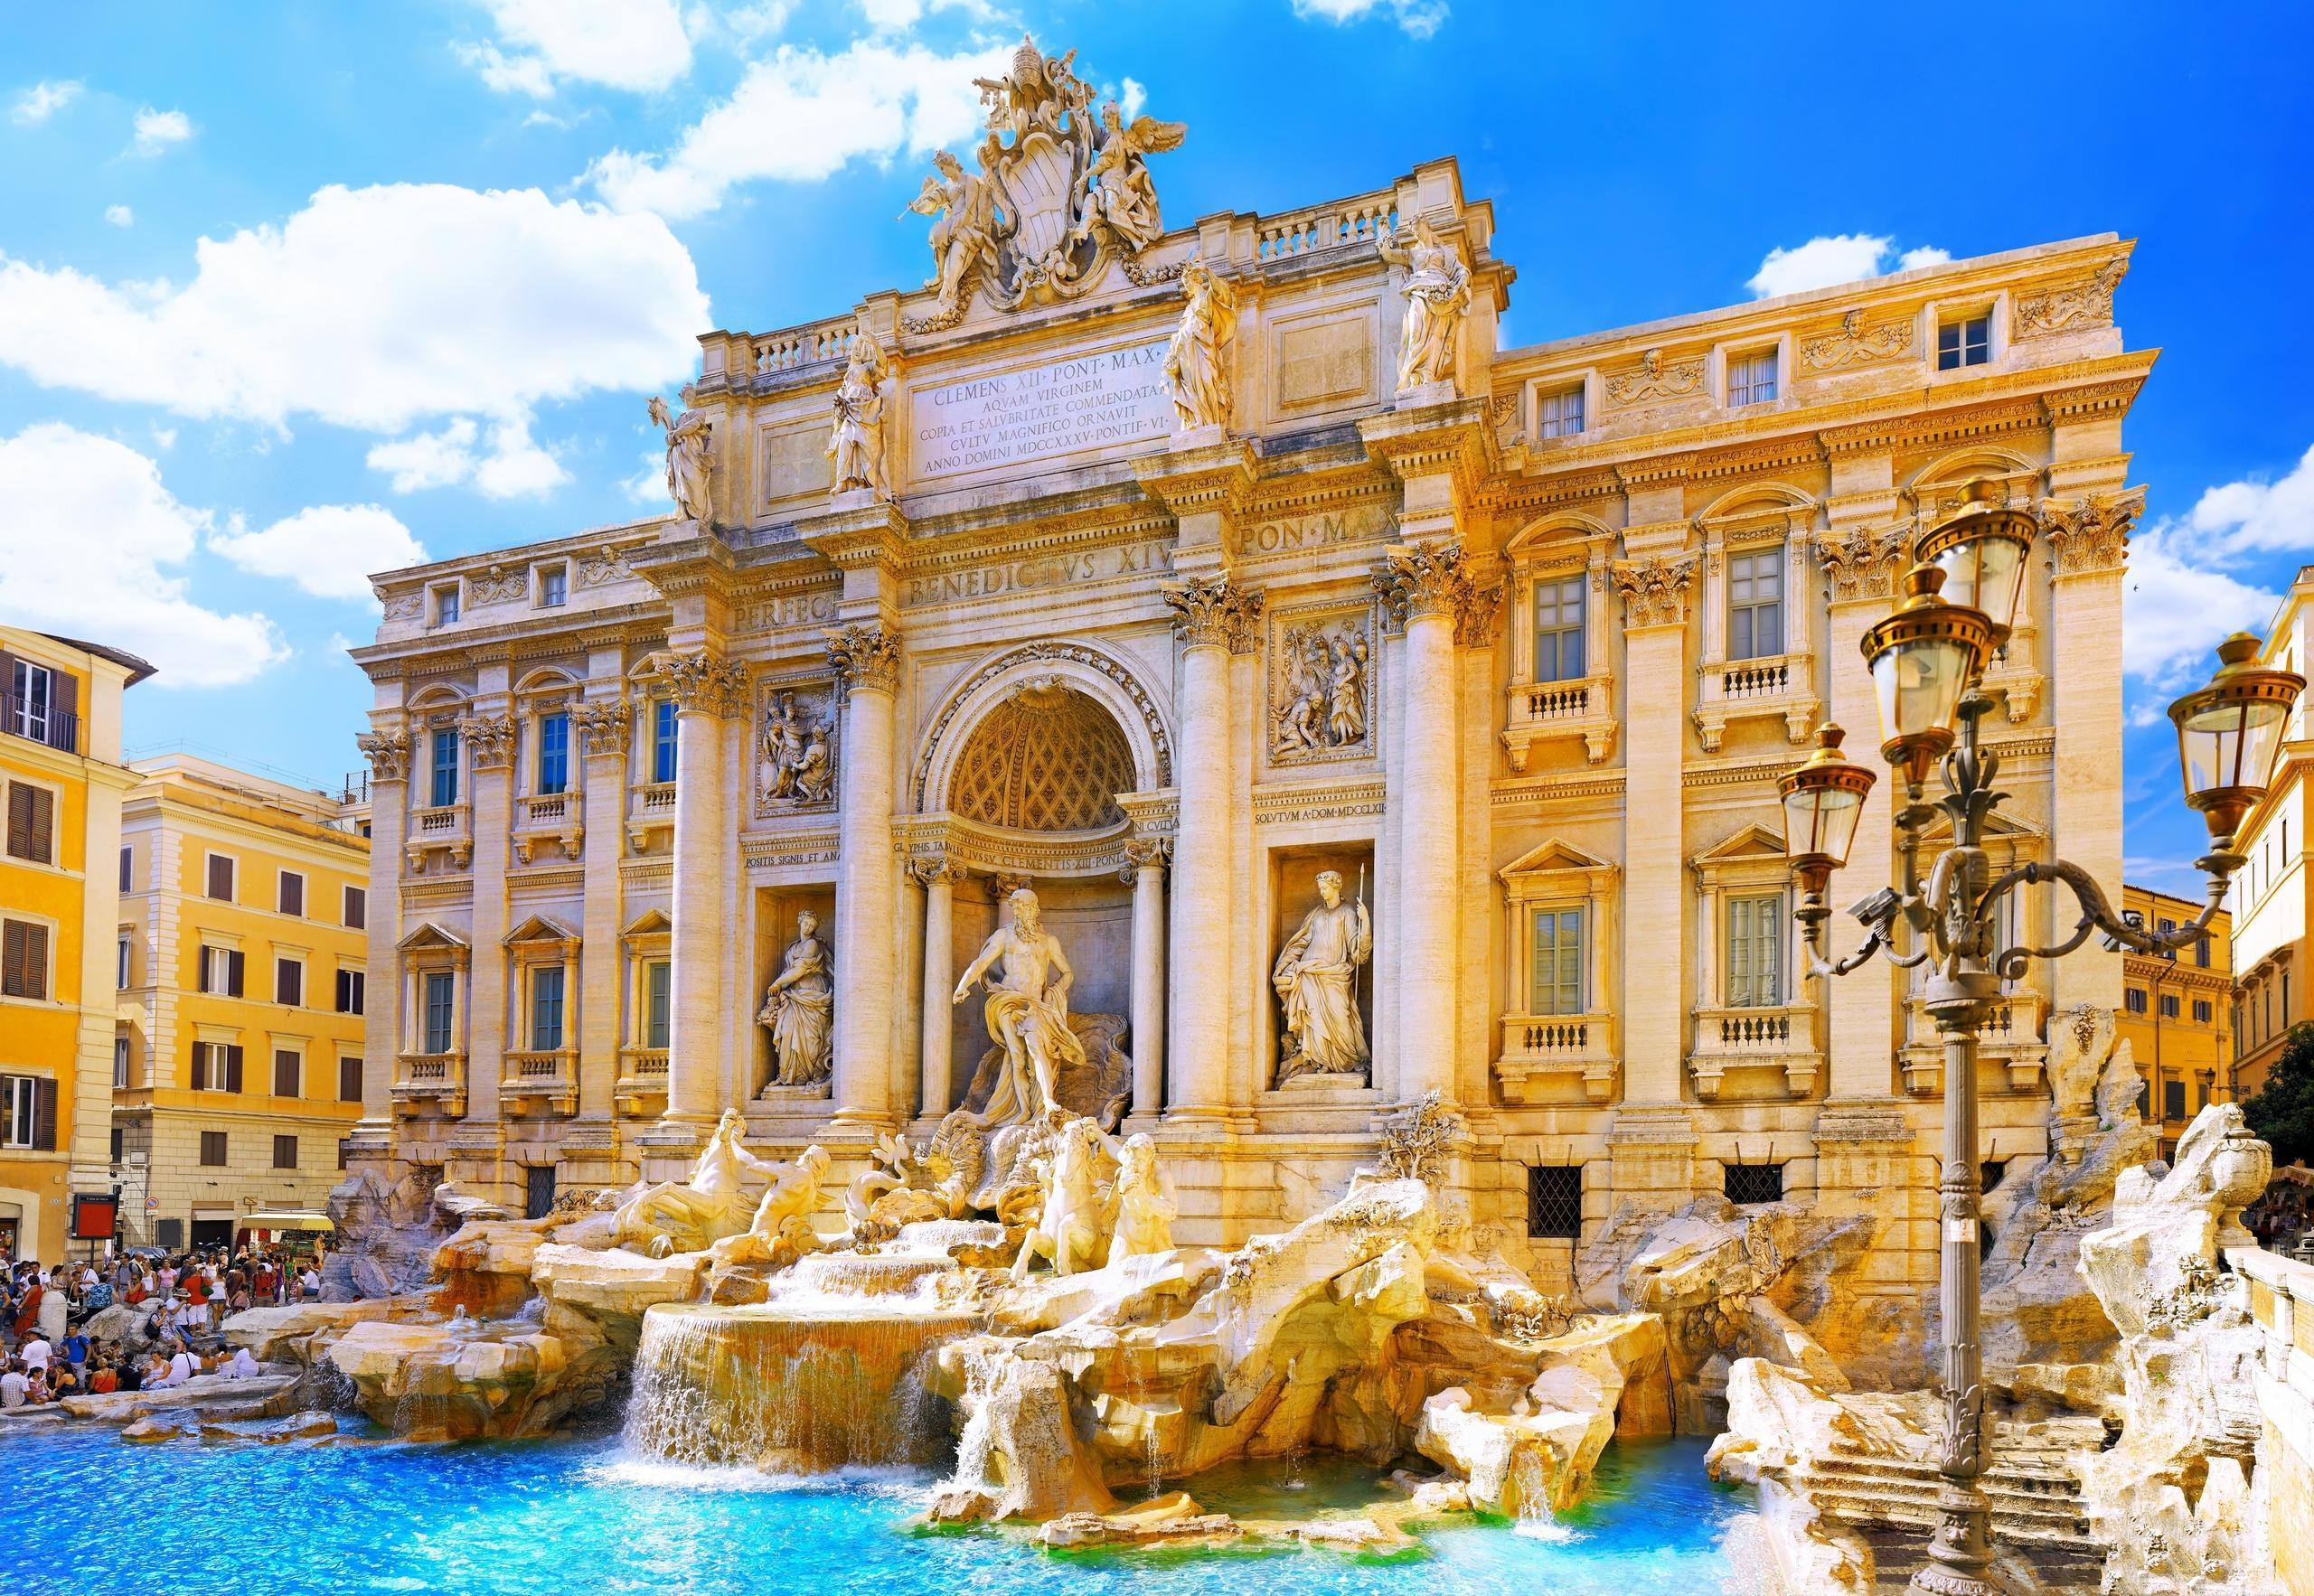 Previsioni meteo Roma: Ancora variabile, quando migliorerà?